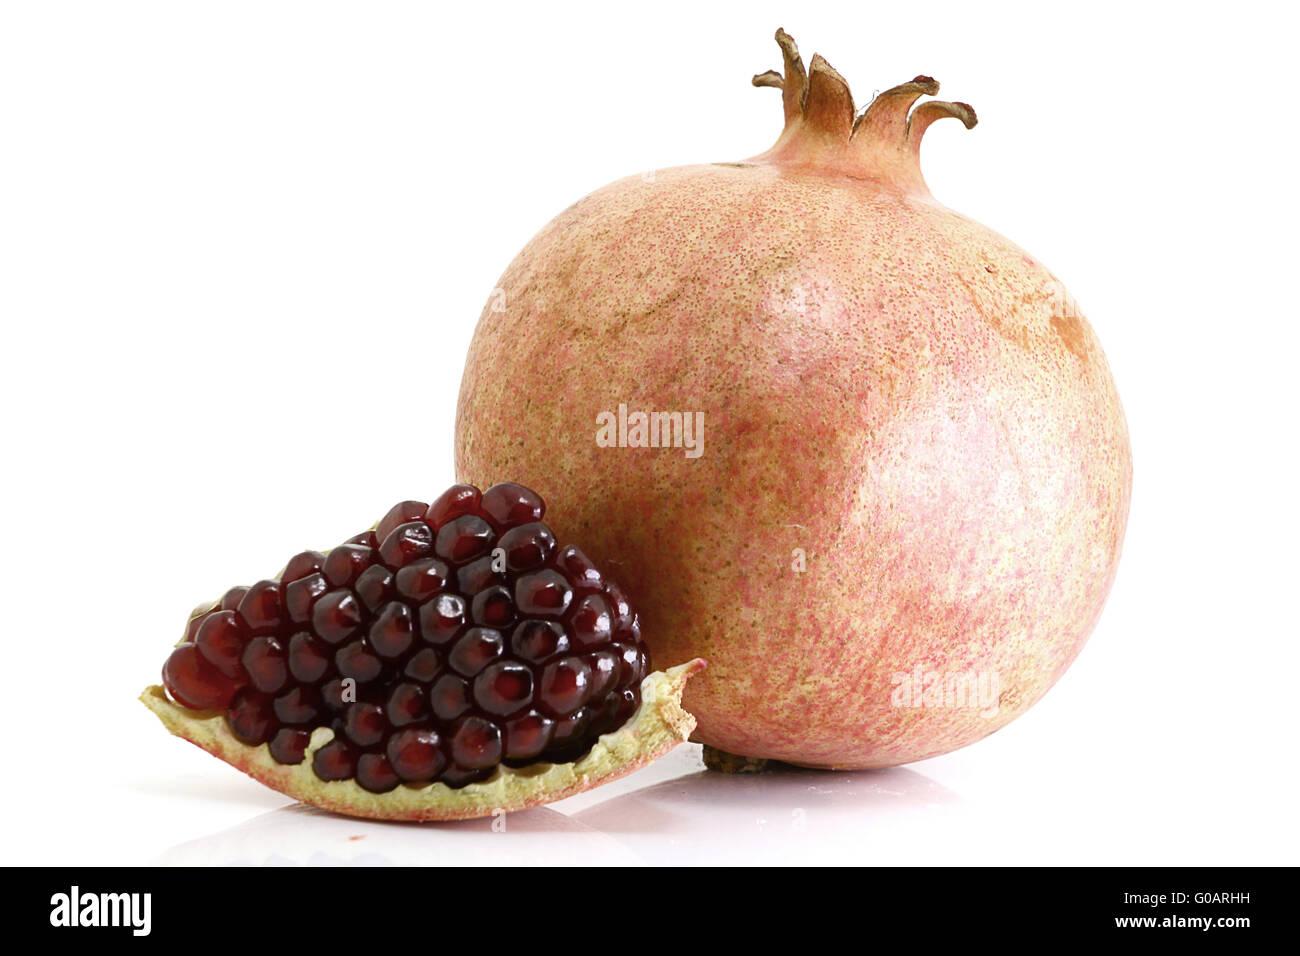 Pomegranate on white background - Stock Image